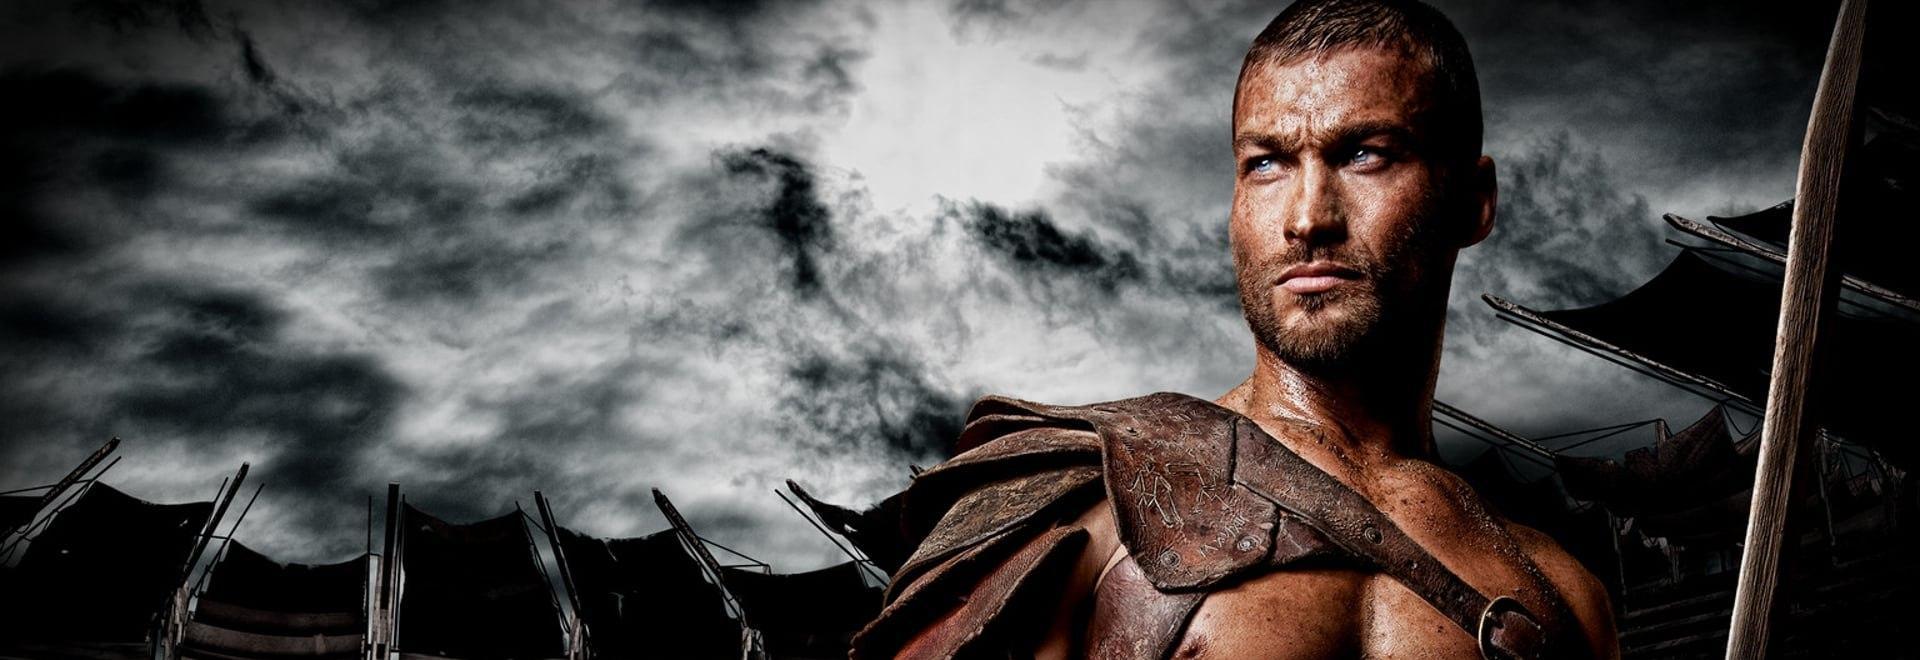 Il giuramento dei gladiatori